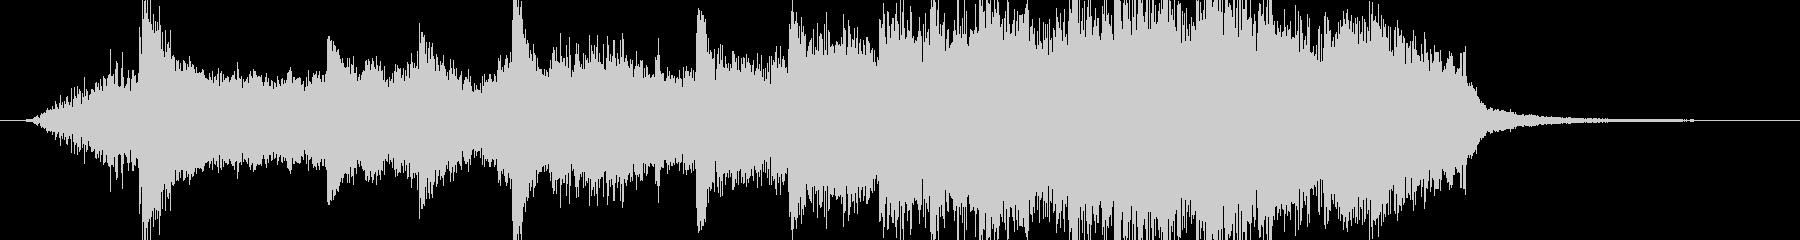 プログレッシブ 交響曲 荘厳 エピ...の未再生の波形